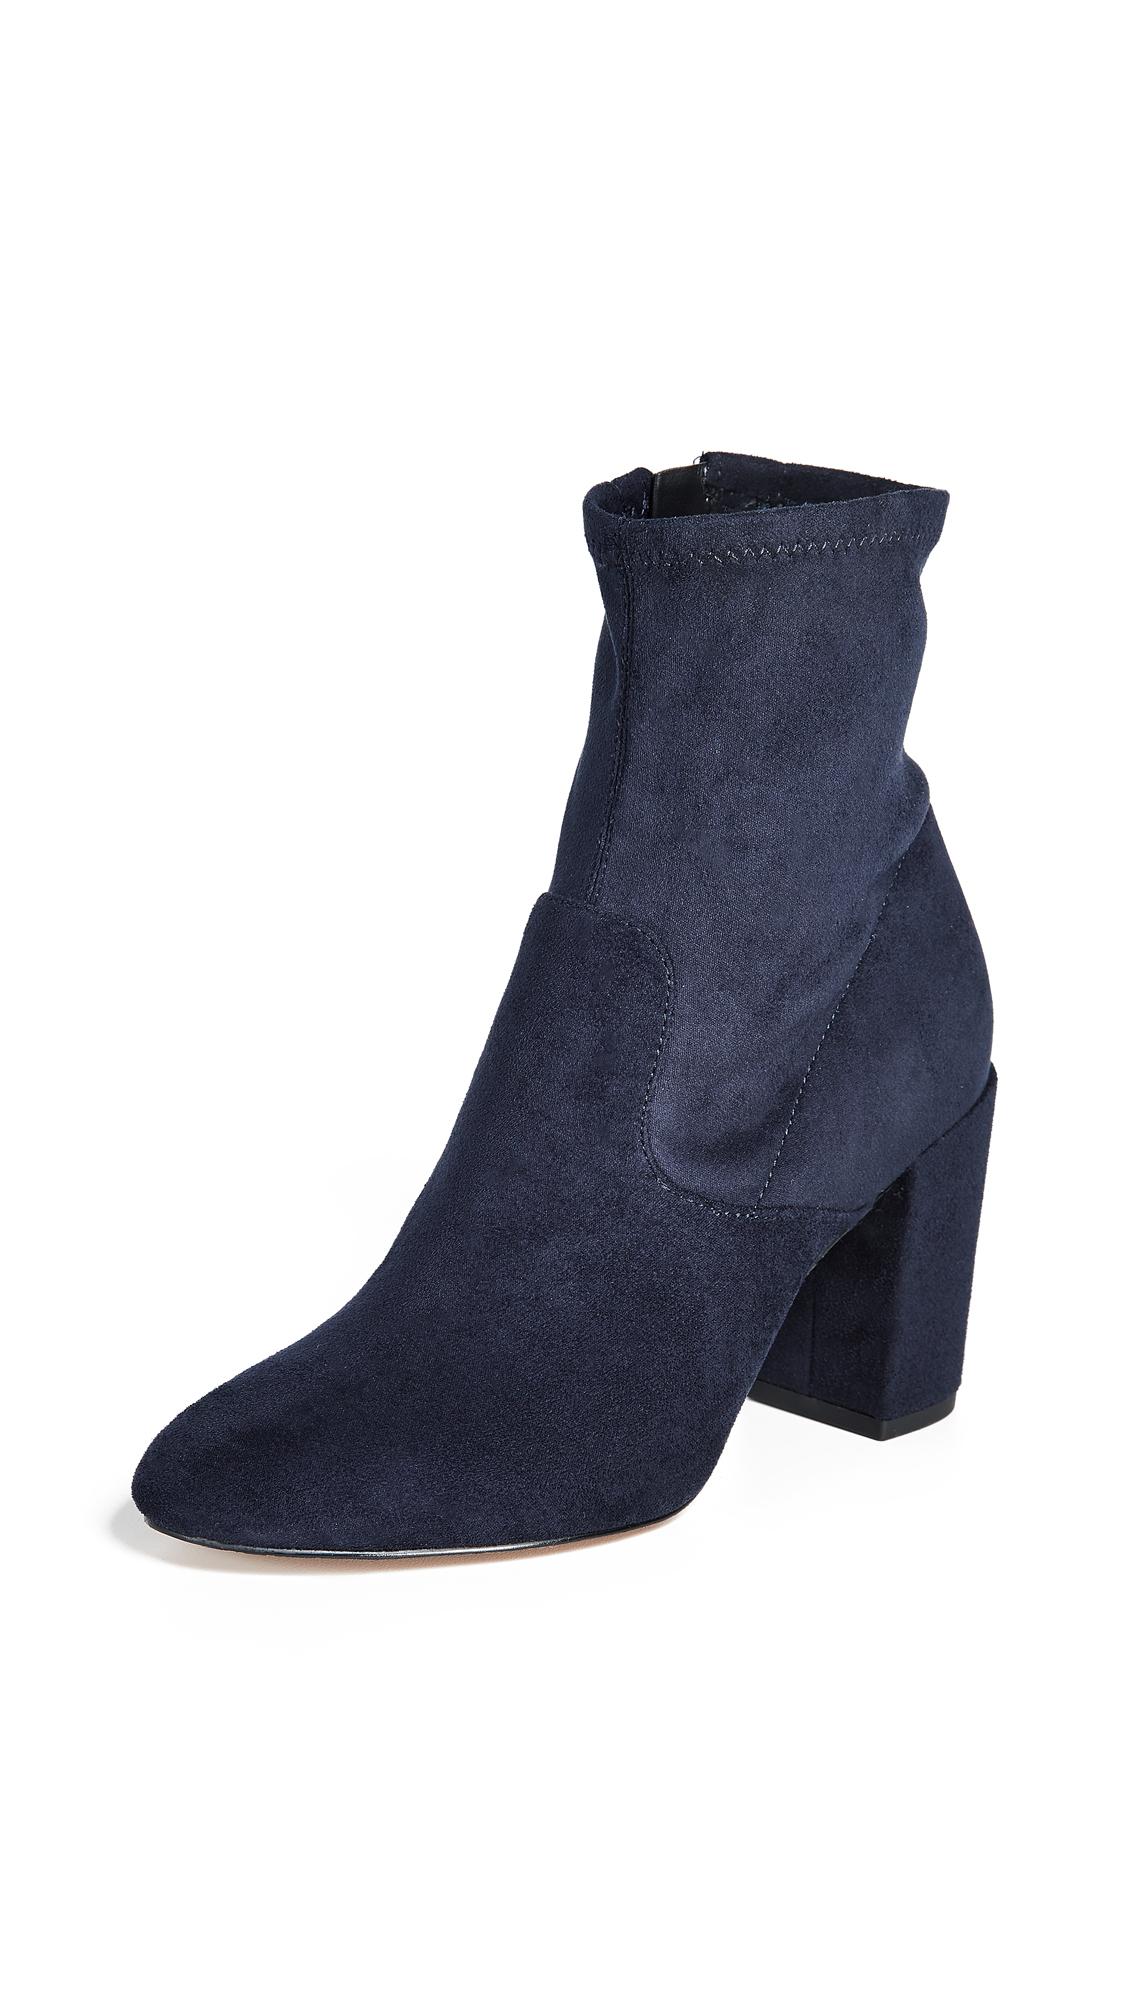 Rebecca Minkoff Gianella Block Heel Booties - Navy